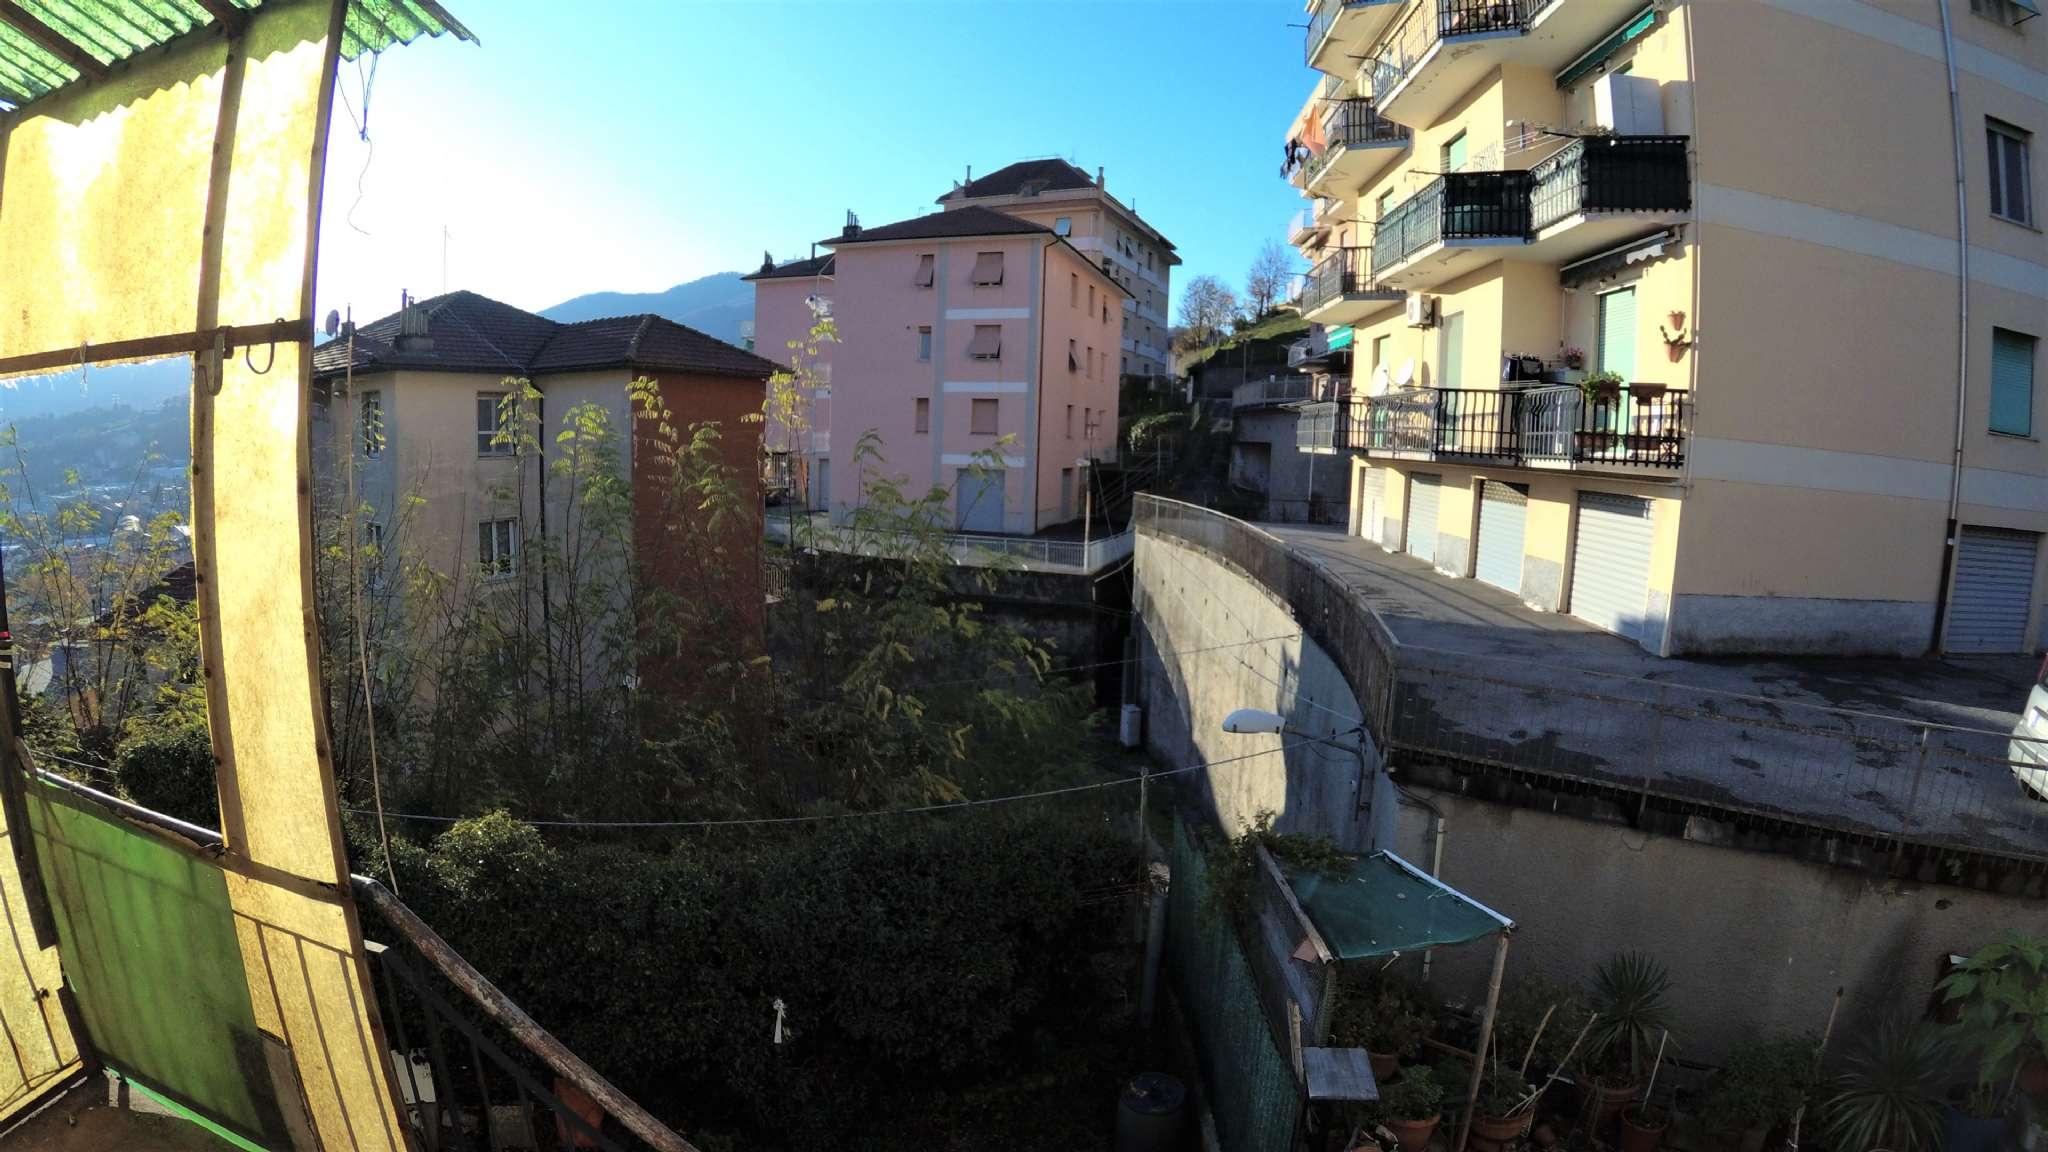 Appartamento in vendita a Serra Riccò, 2 locali, prezzo € 39.500 | CambioCasa.it